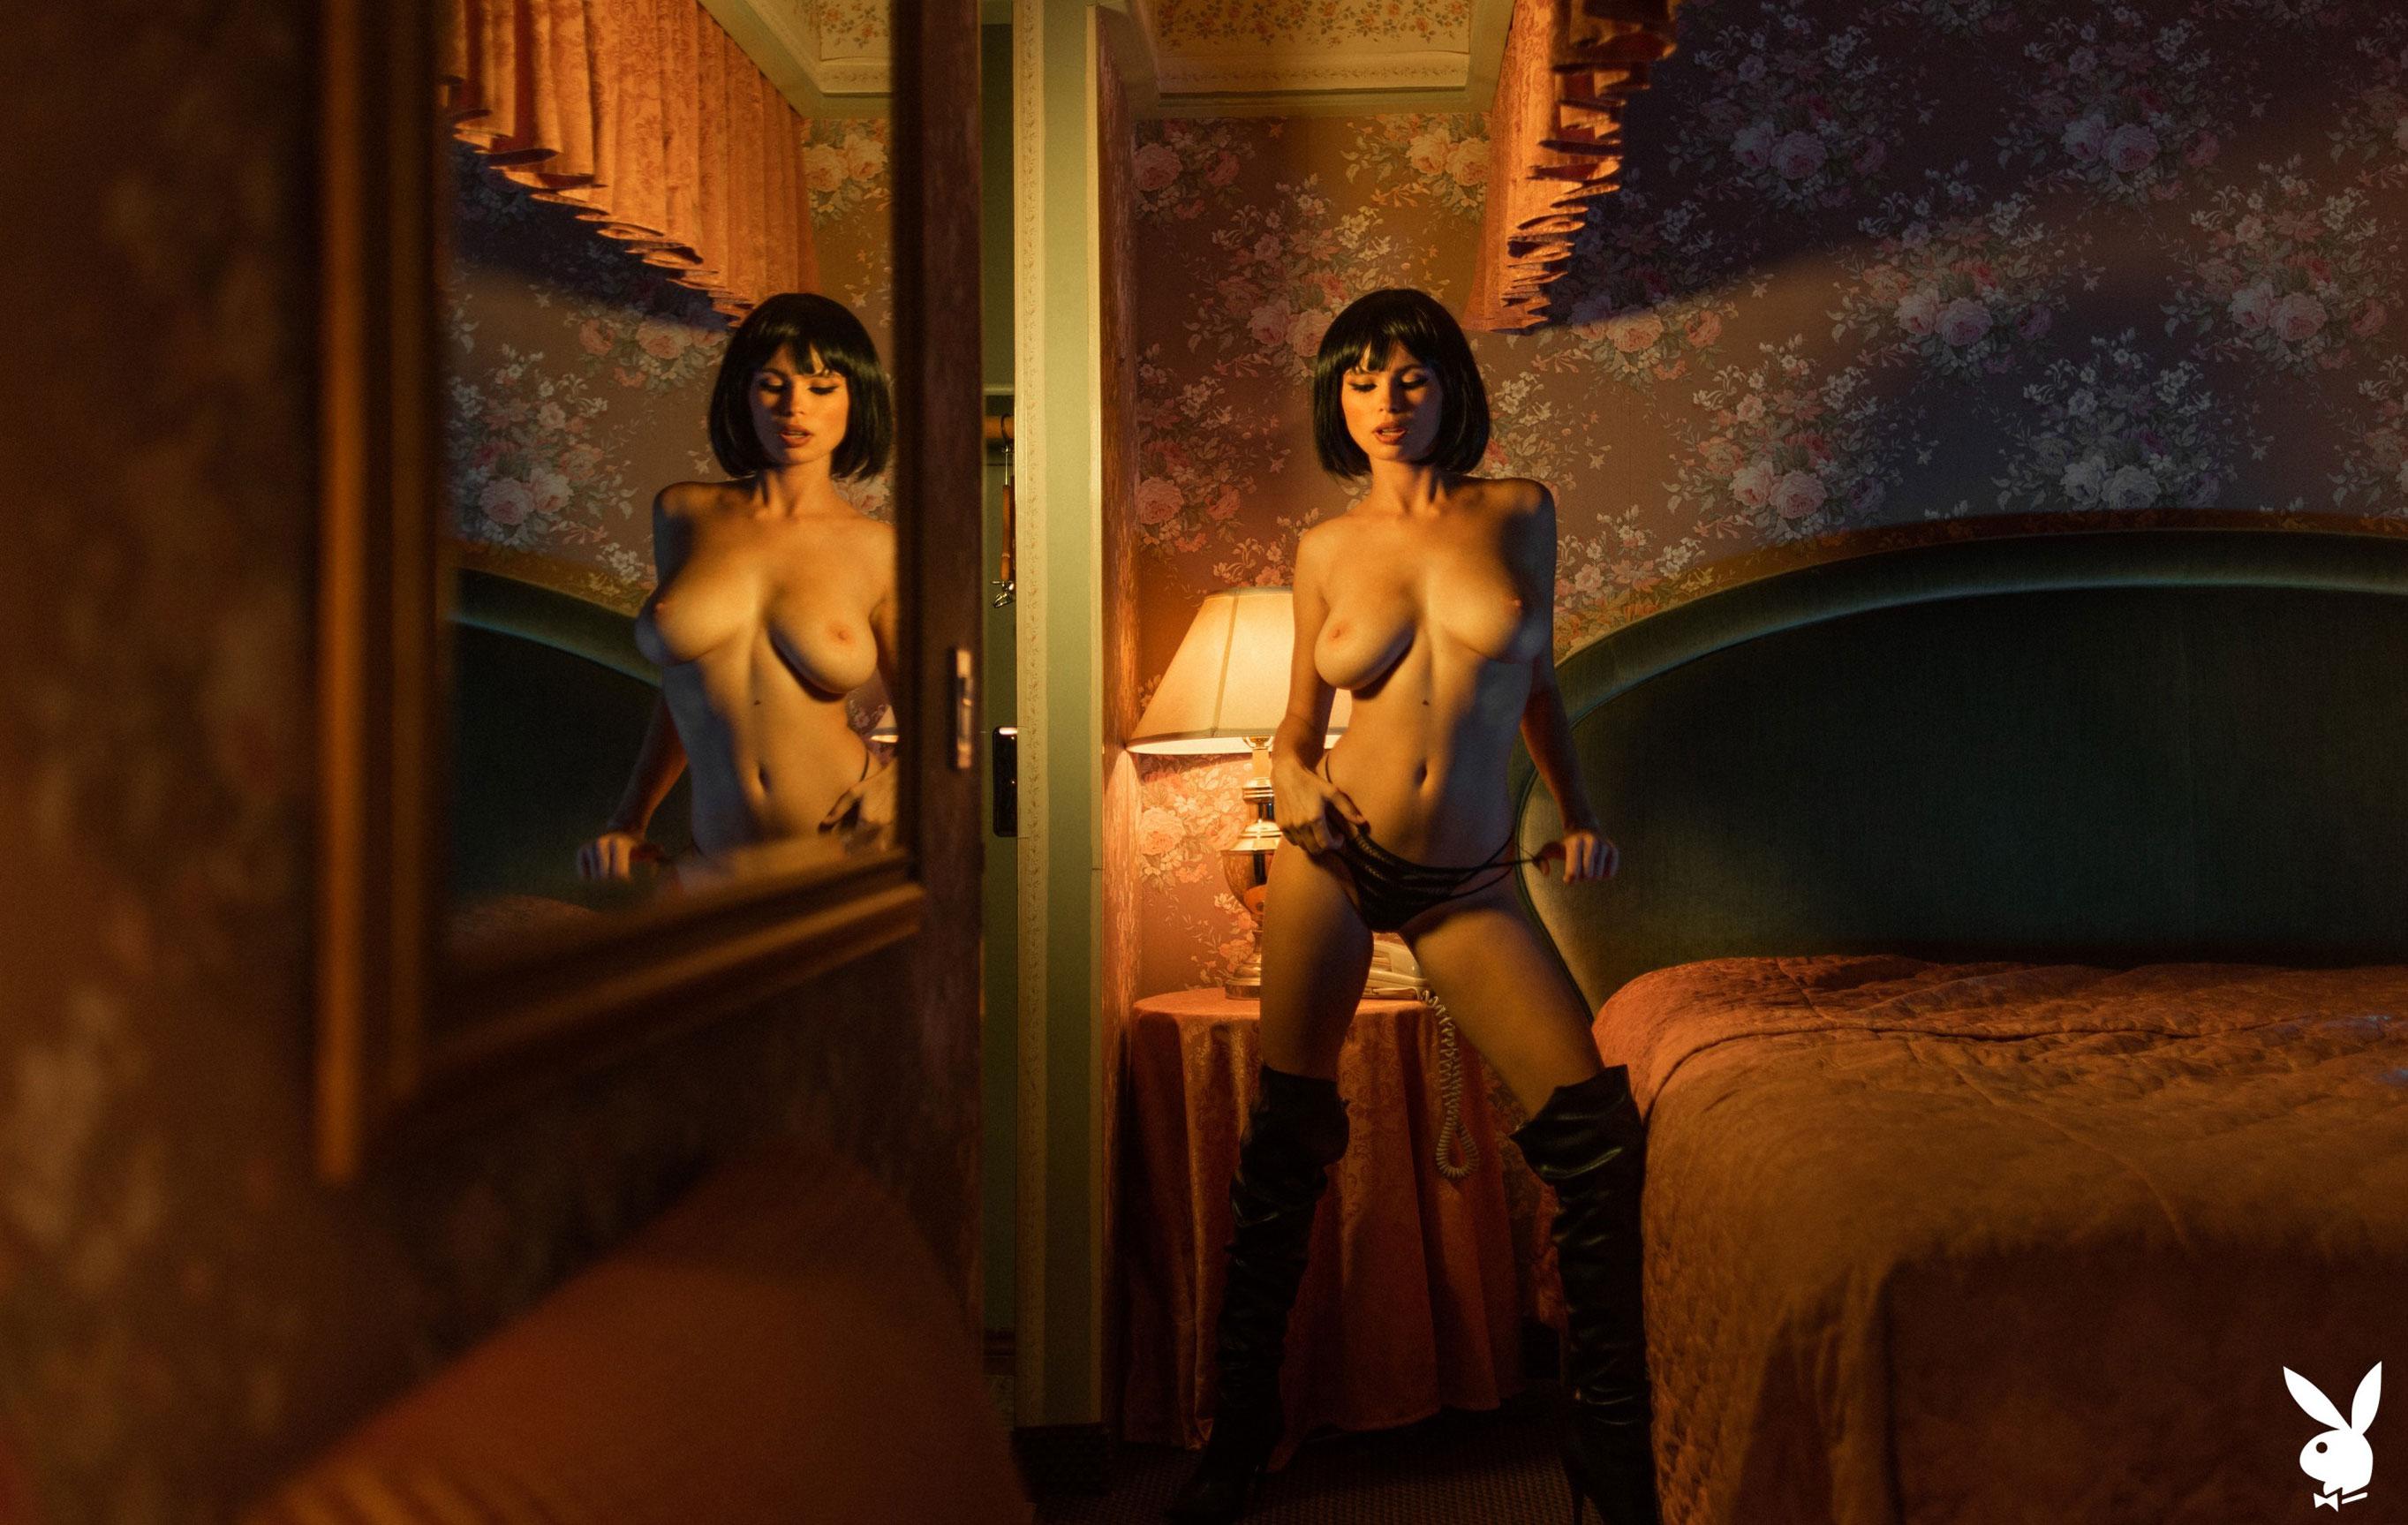 шпионская история / Юлия Логачева в гостиничном номере в Лос-Анджелесе / фото 07